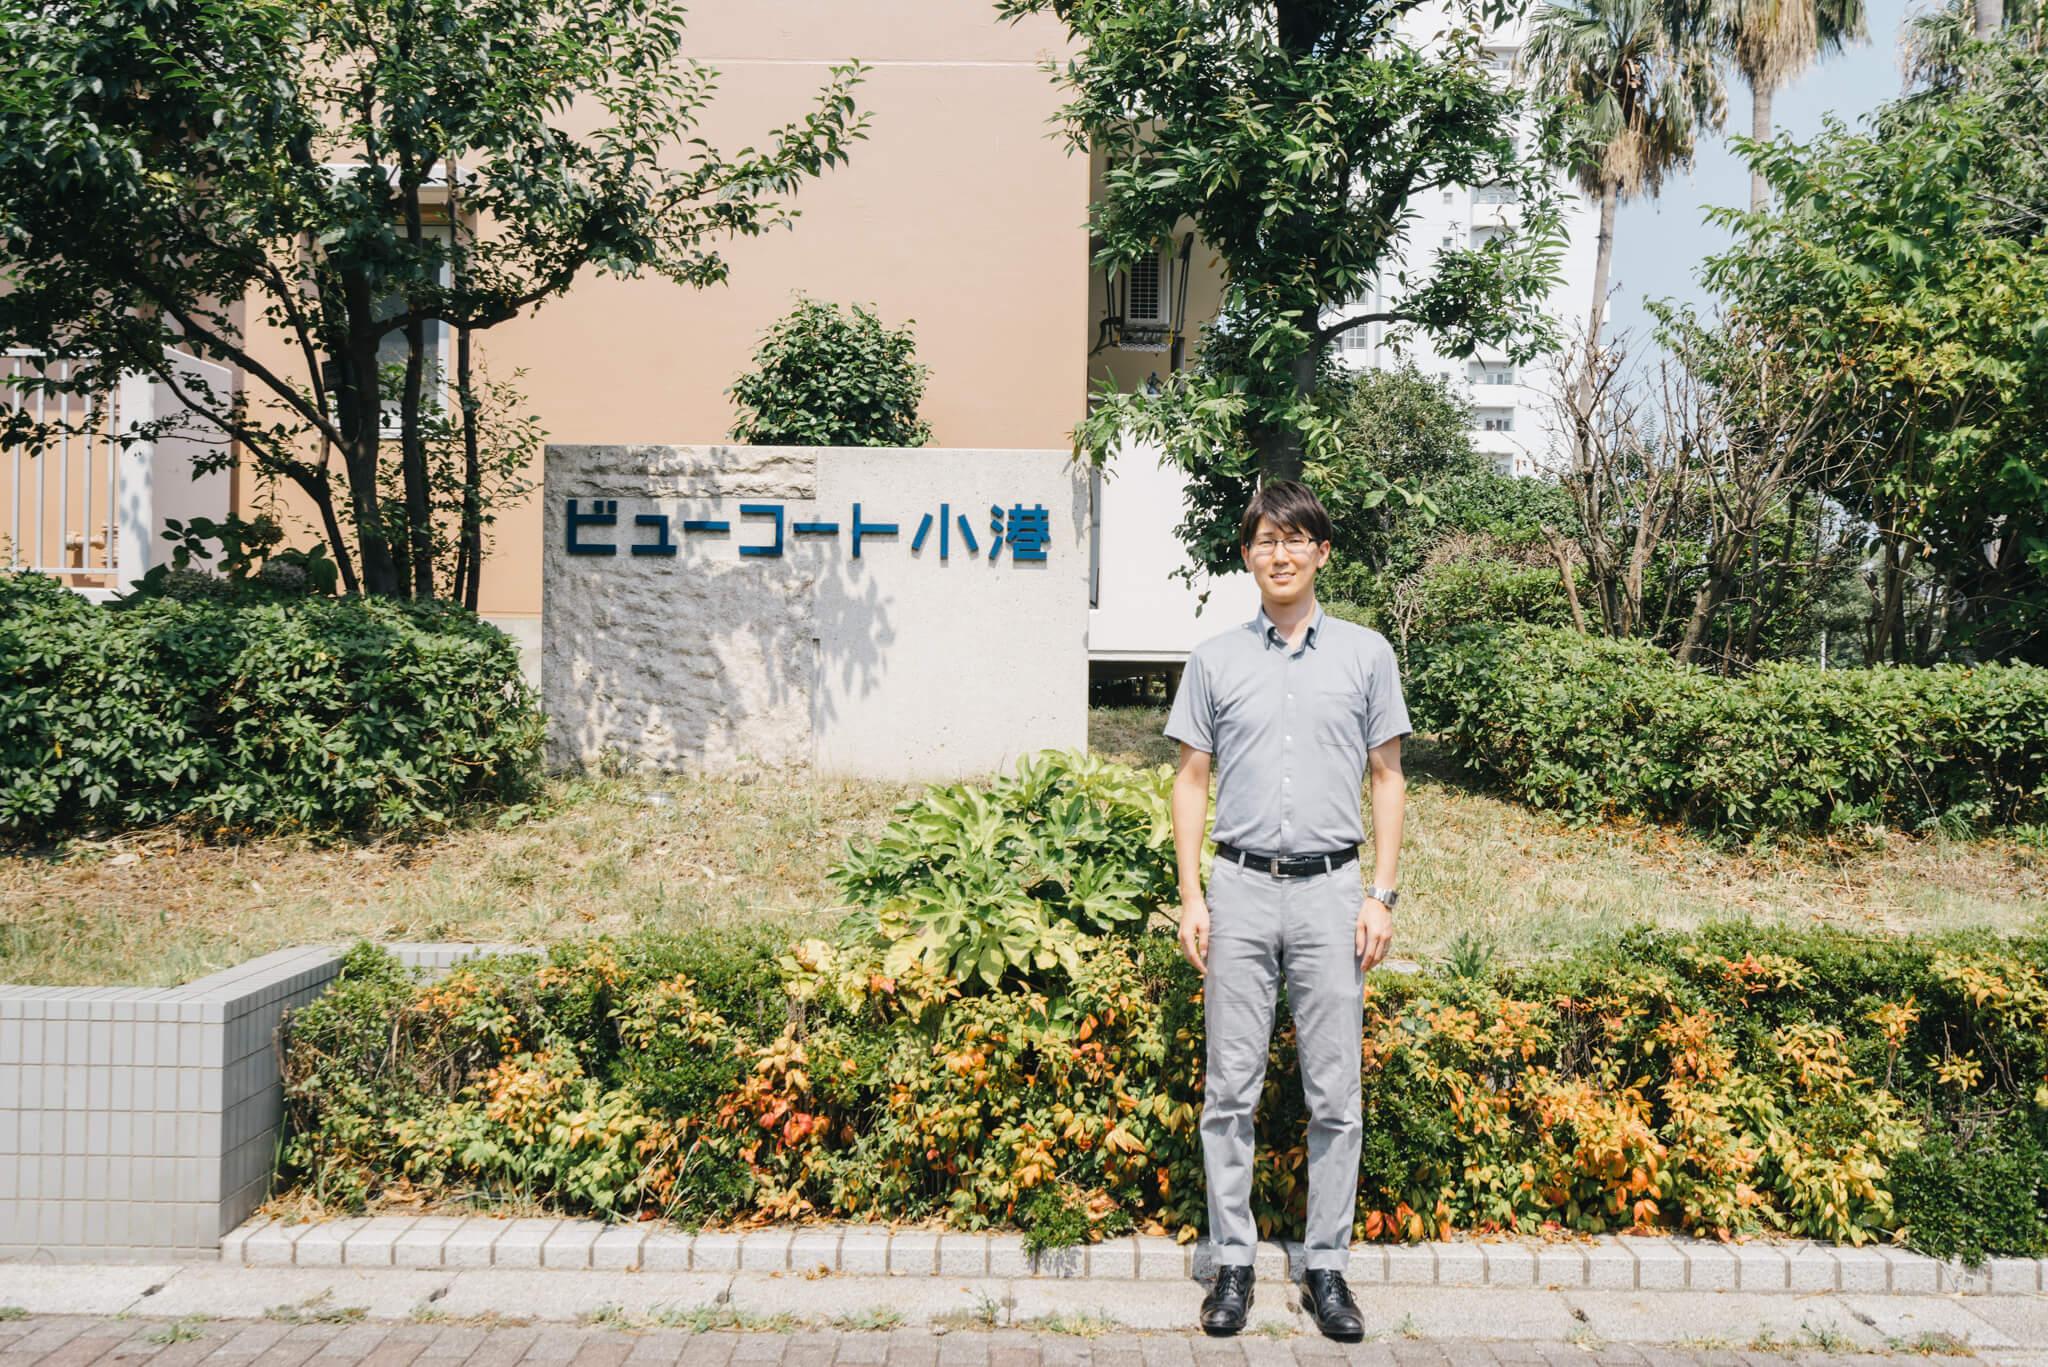 ご案内していただいたのは、UR都市機構の加藤裕さん。